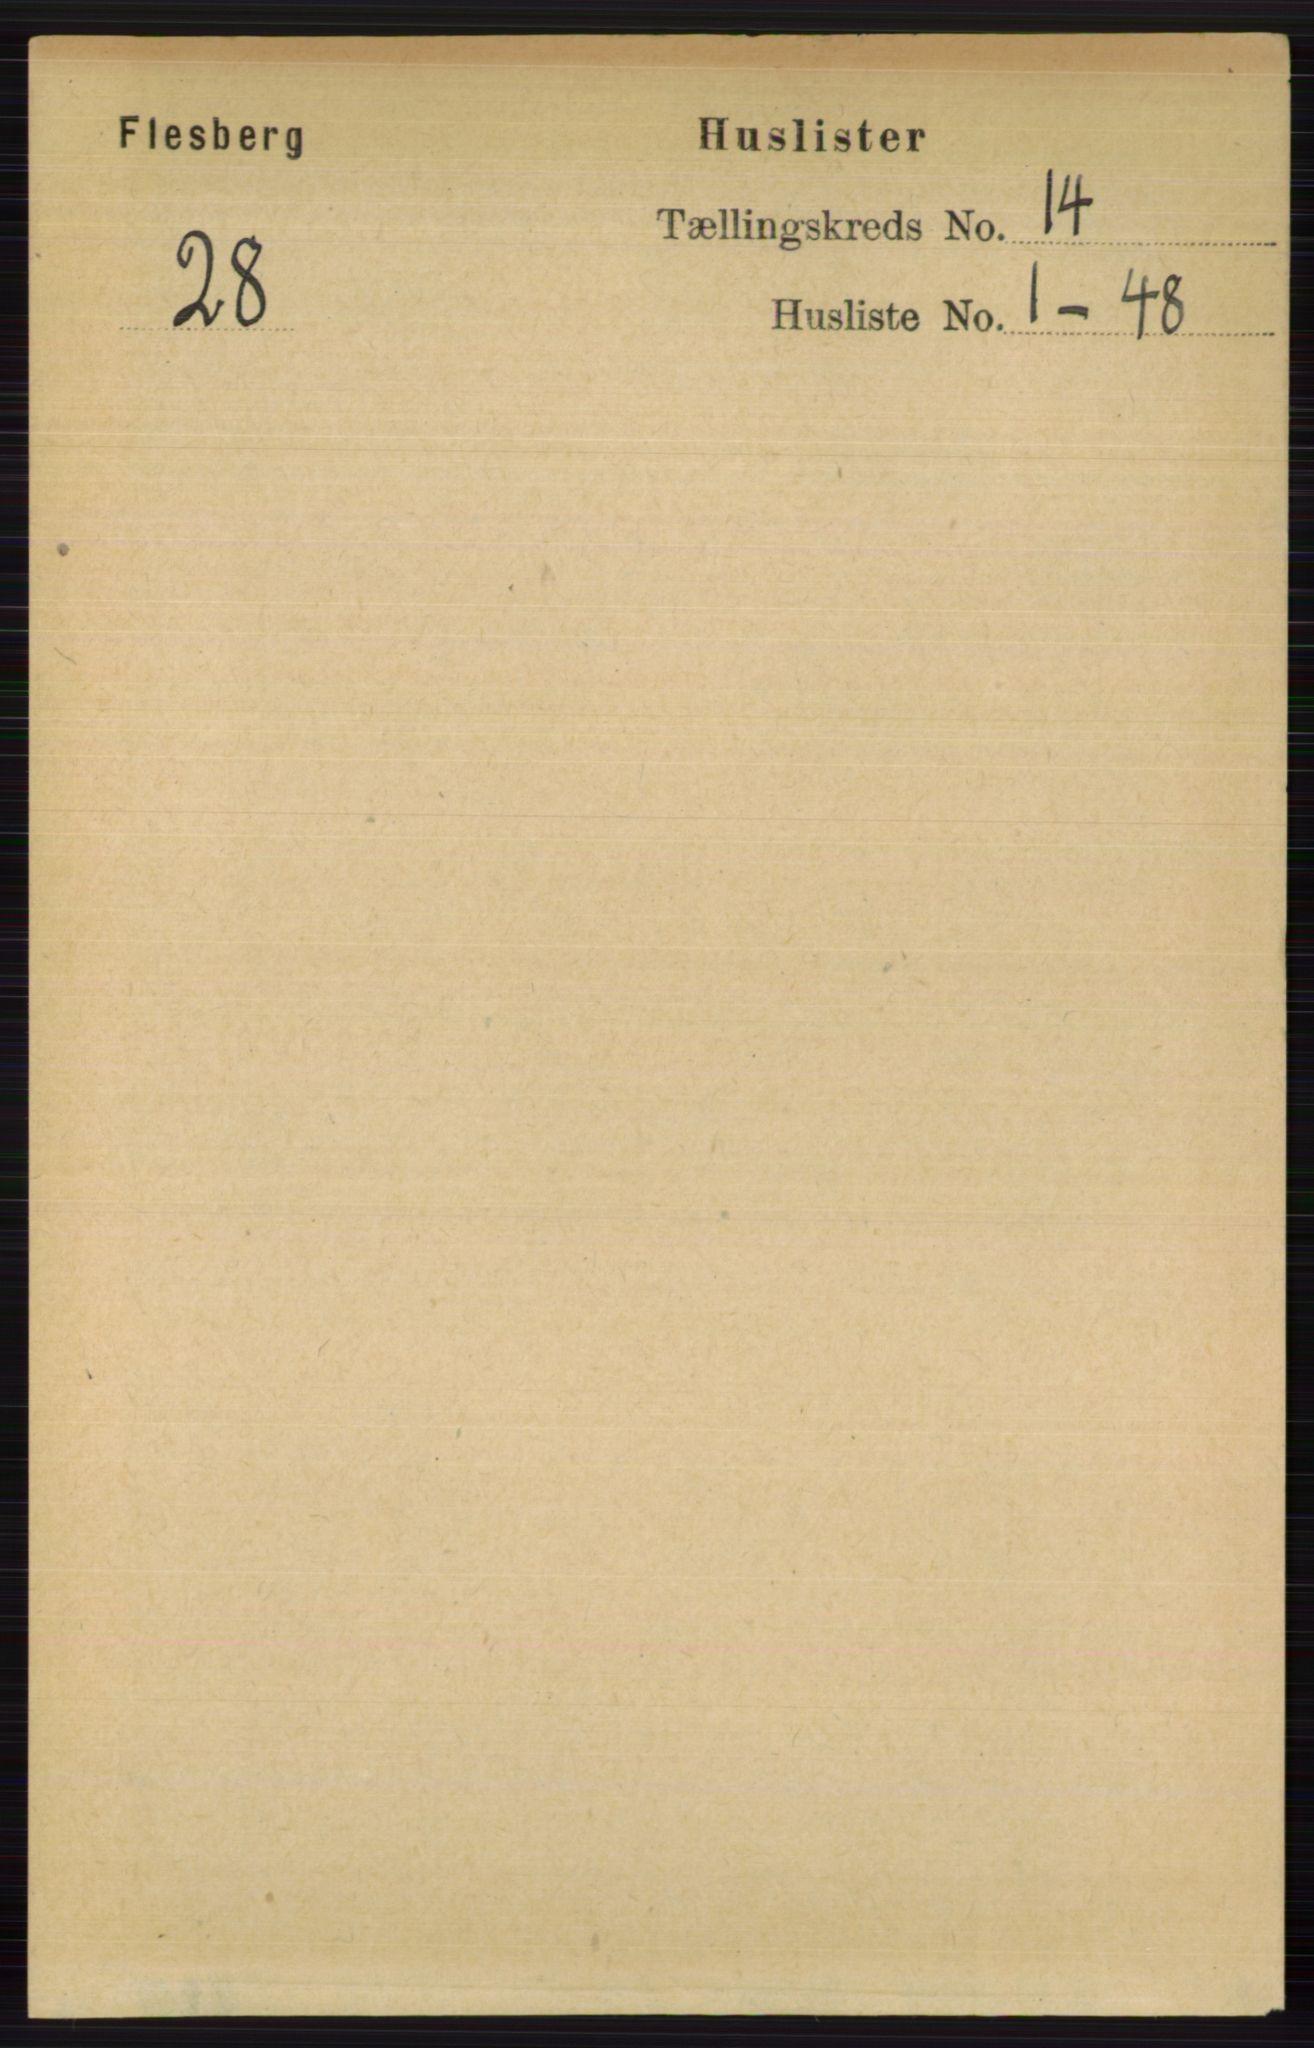 RA, Folketelling 1891 for 0631 Flesberg herred, 1891, s. 2406